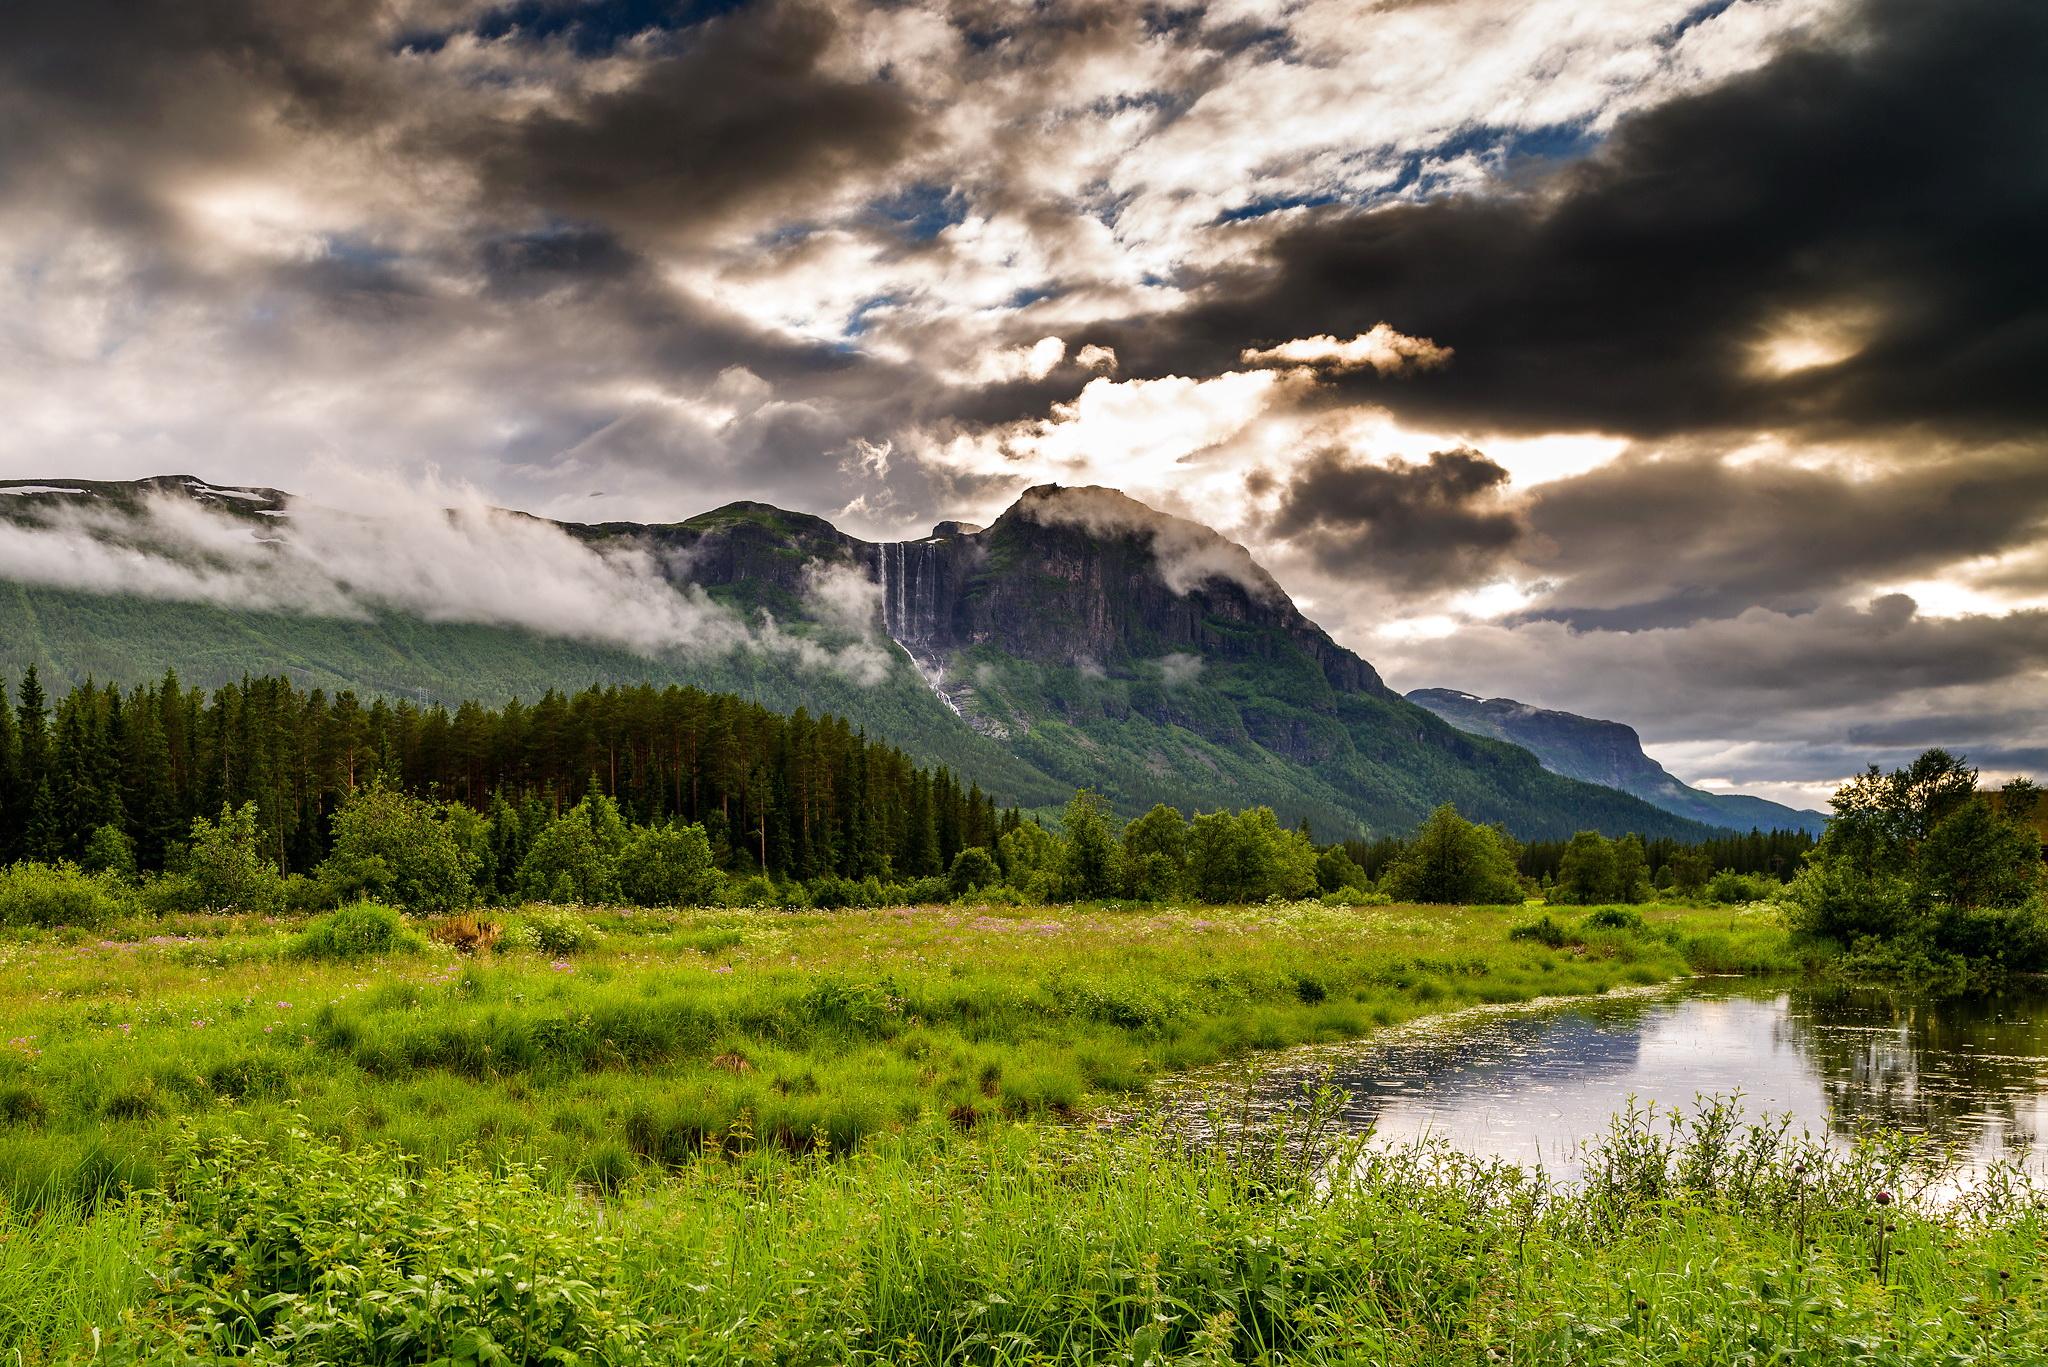 природа река деревья облака горы бесплатно